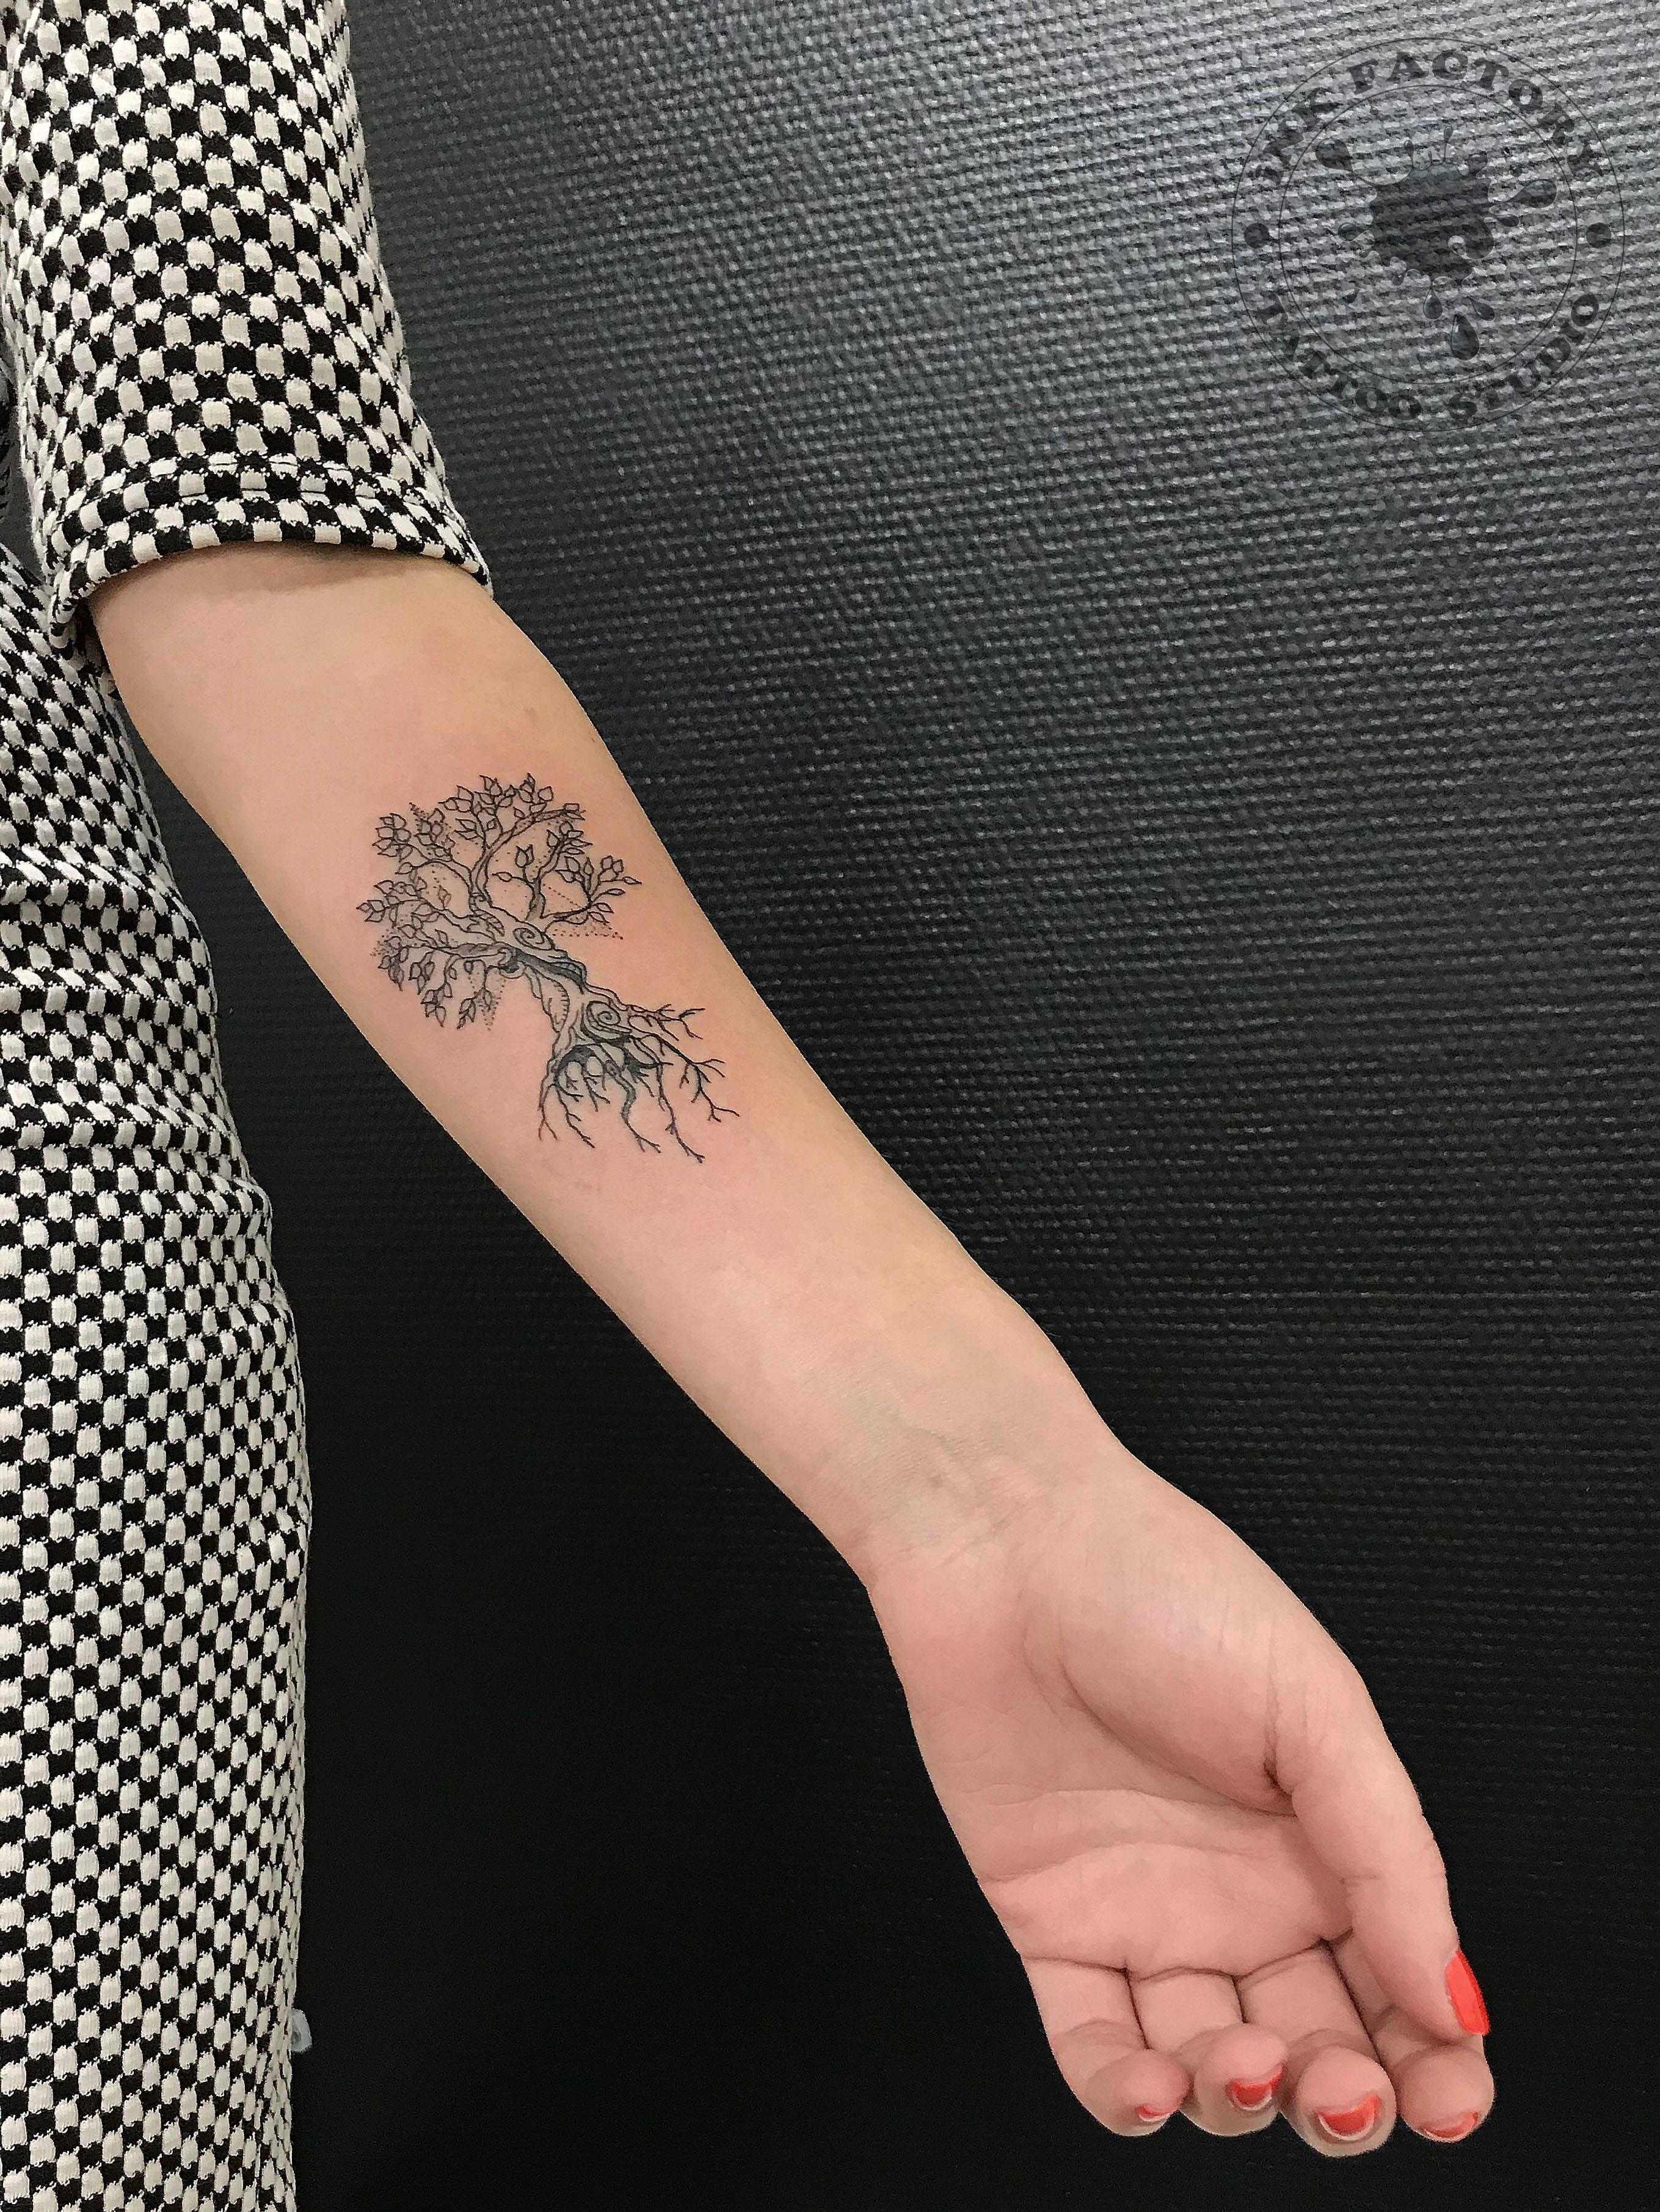 Дерево - сделано в InkFactory